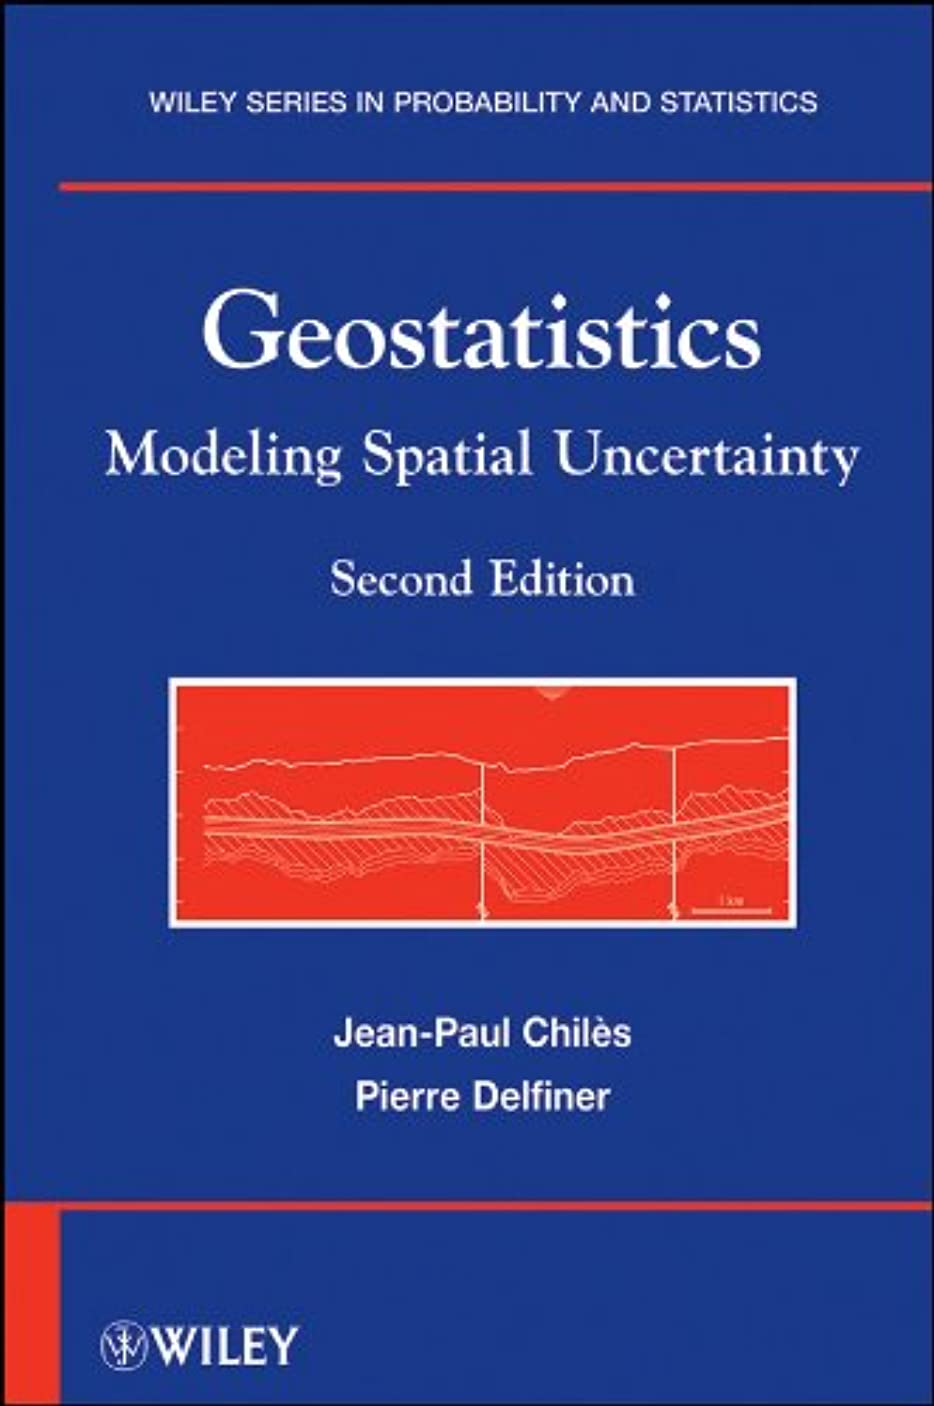 状態救急車特異性Geostatistics: Modeling Spatial Uncertainty (Wiley Series in Probability and Statistics Book 713) (English Edition)